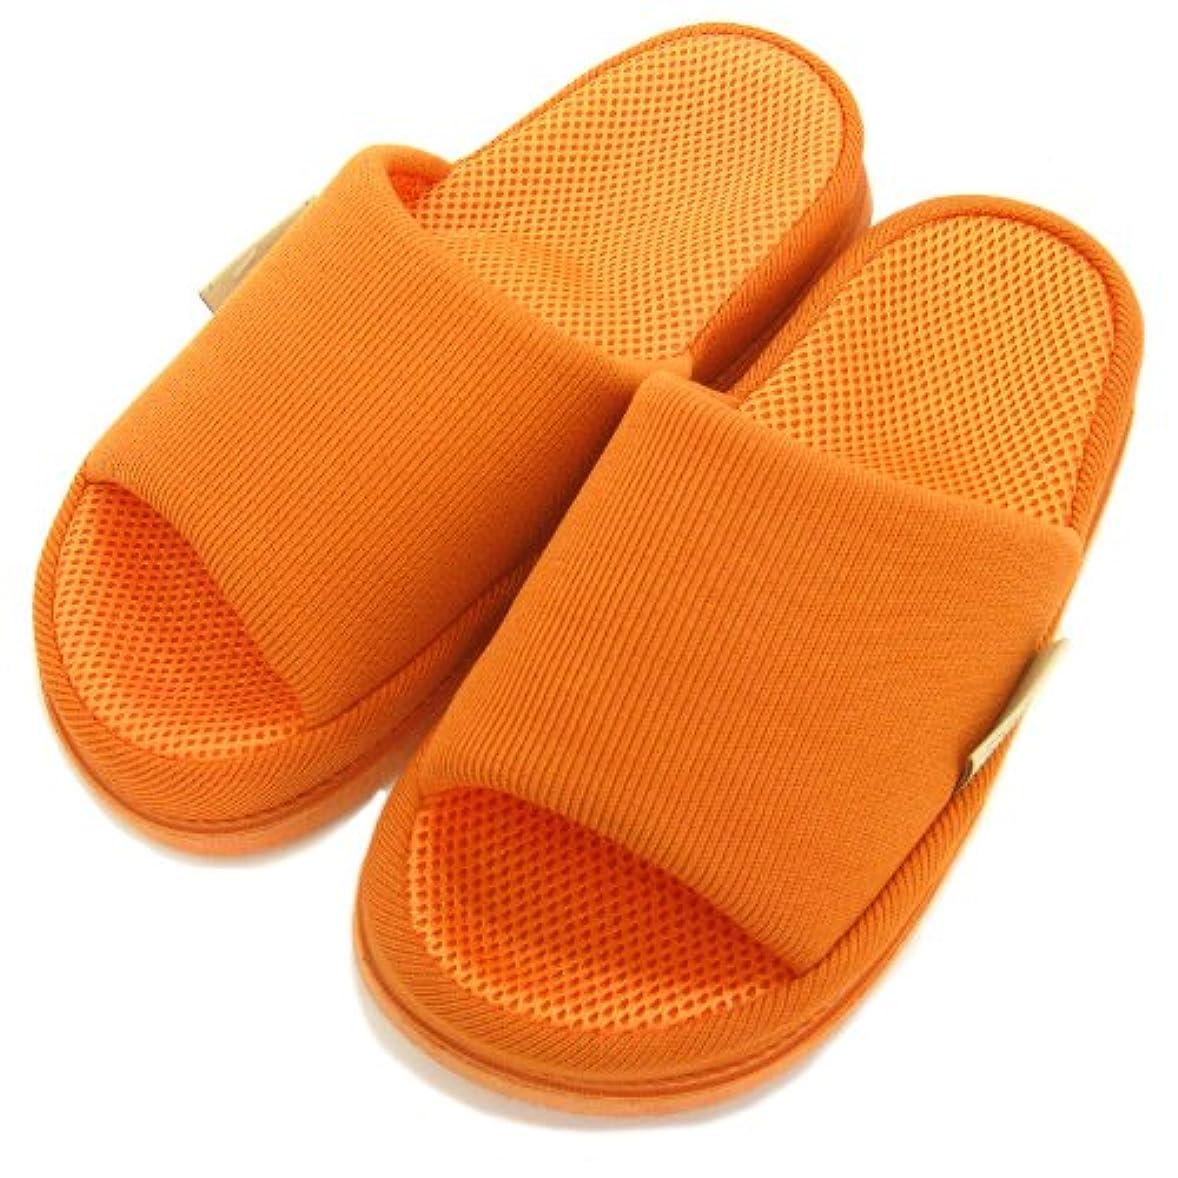 血色の良い権限を与えるグローバルオクムラ リフレM オレンジ Mサイズ